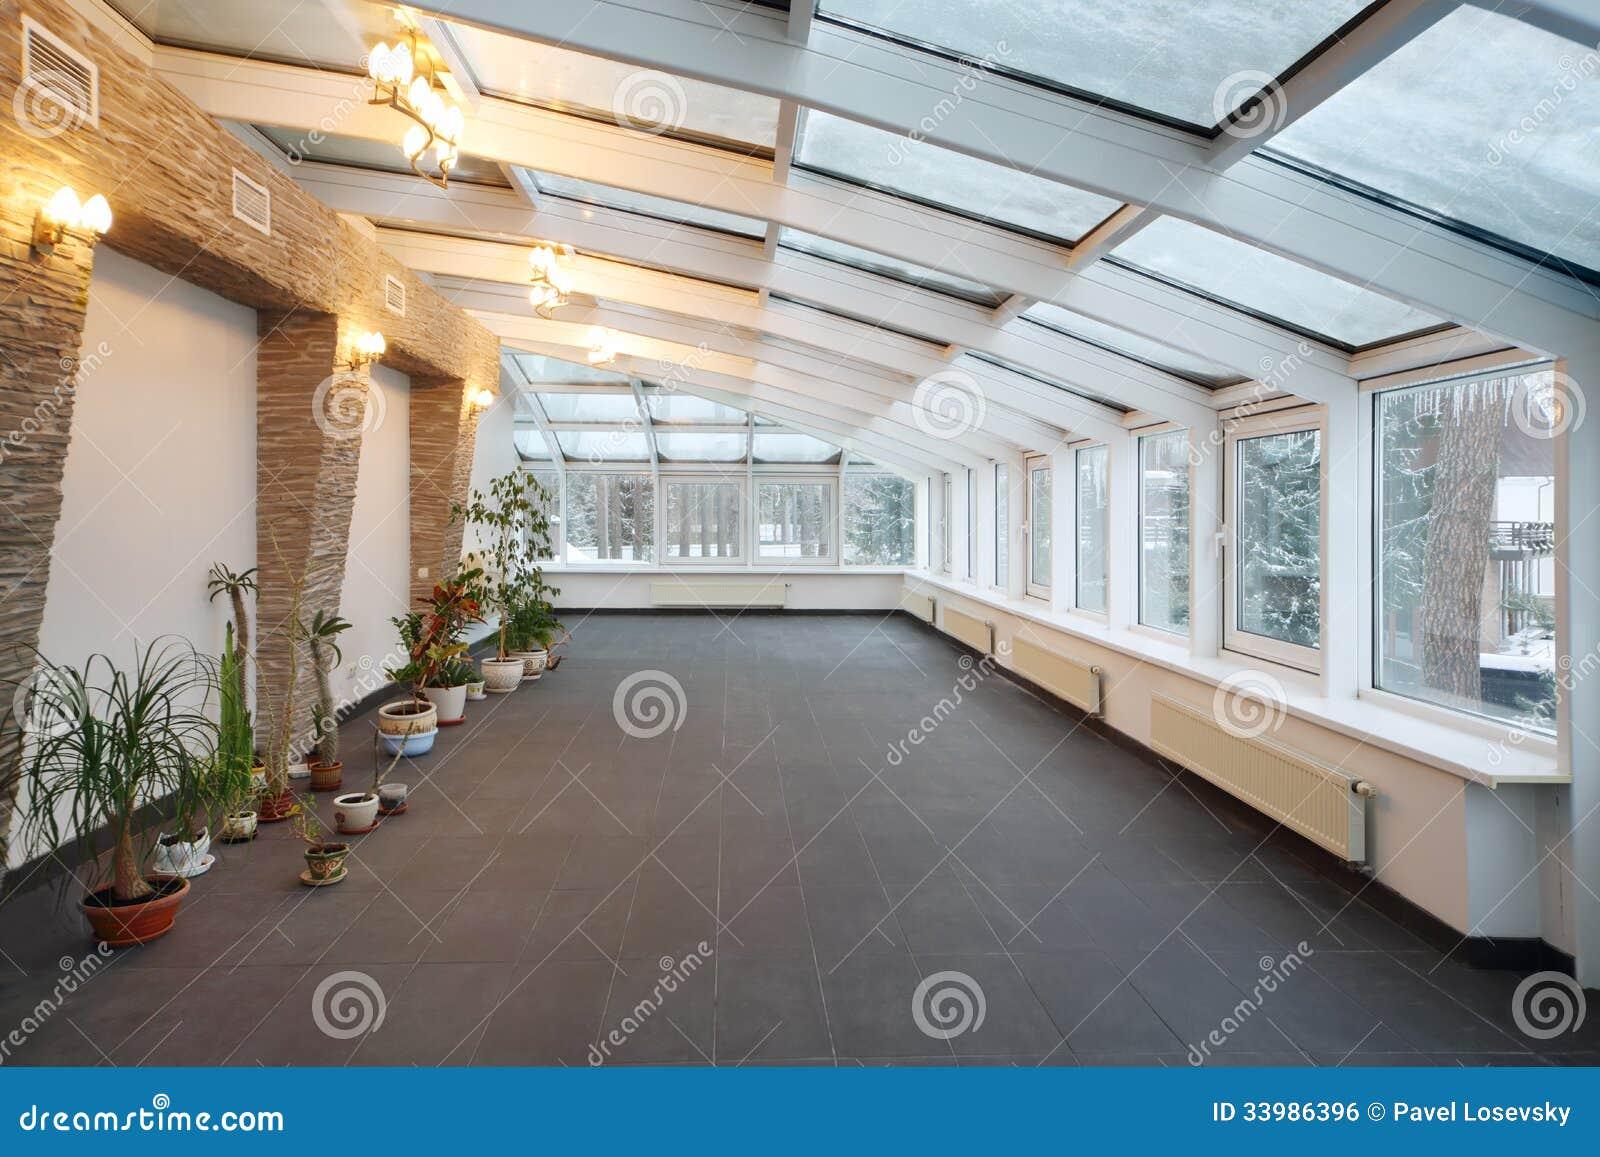 De Plantas E Do Teto De Vidro Imagem de Stock Royalty Free Imagem #966935 1300x957 Banheiro Com Teto De Vidro